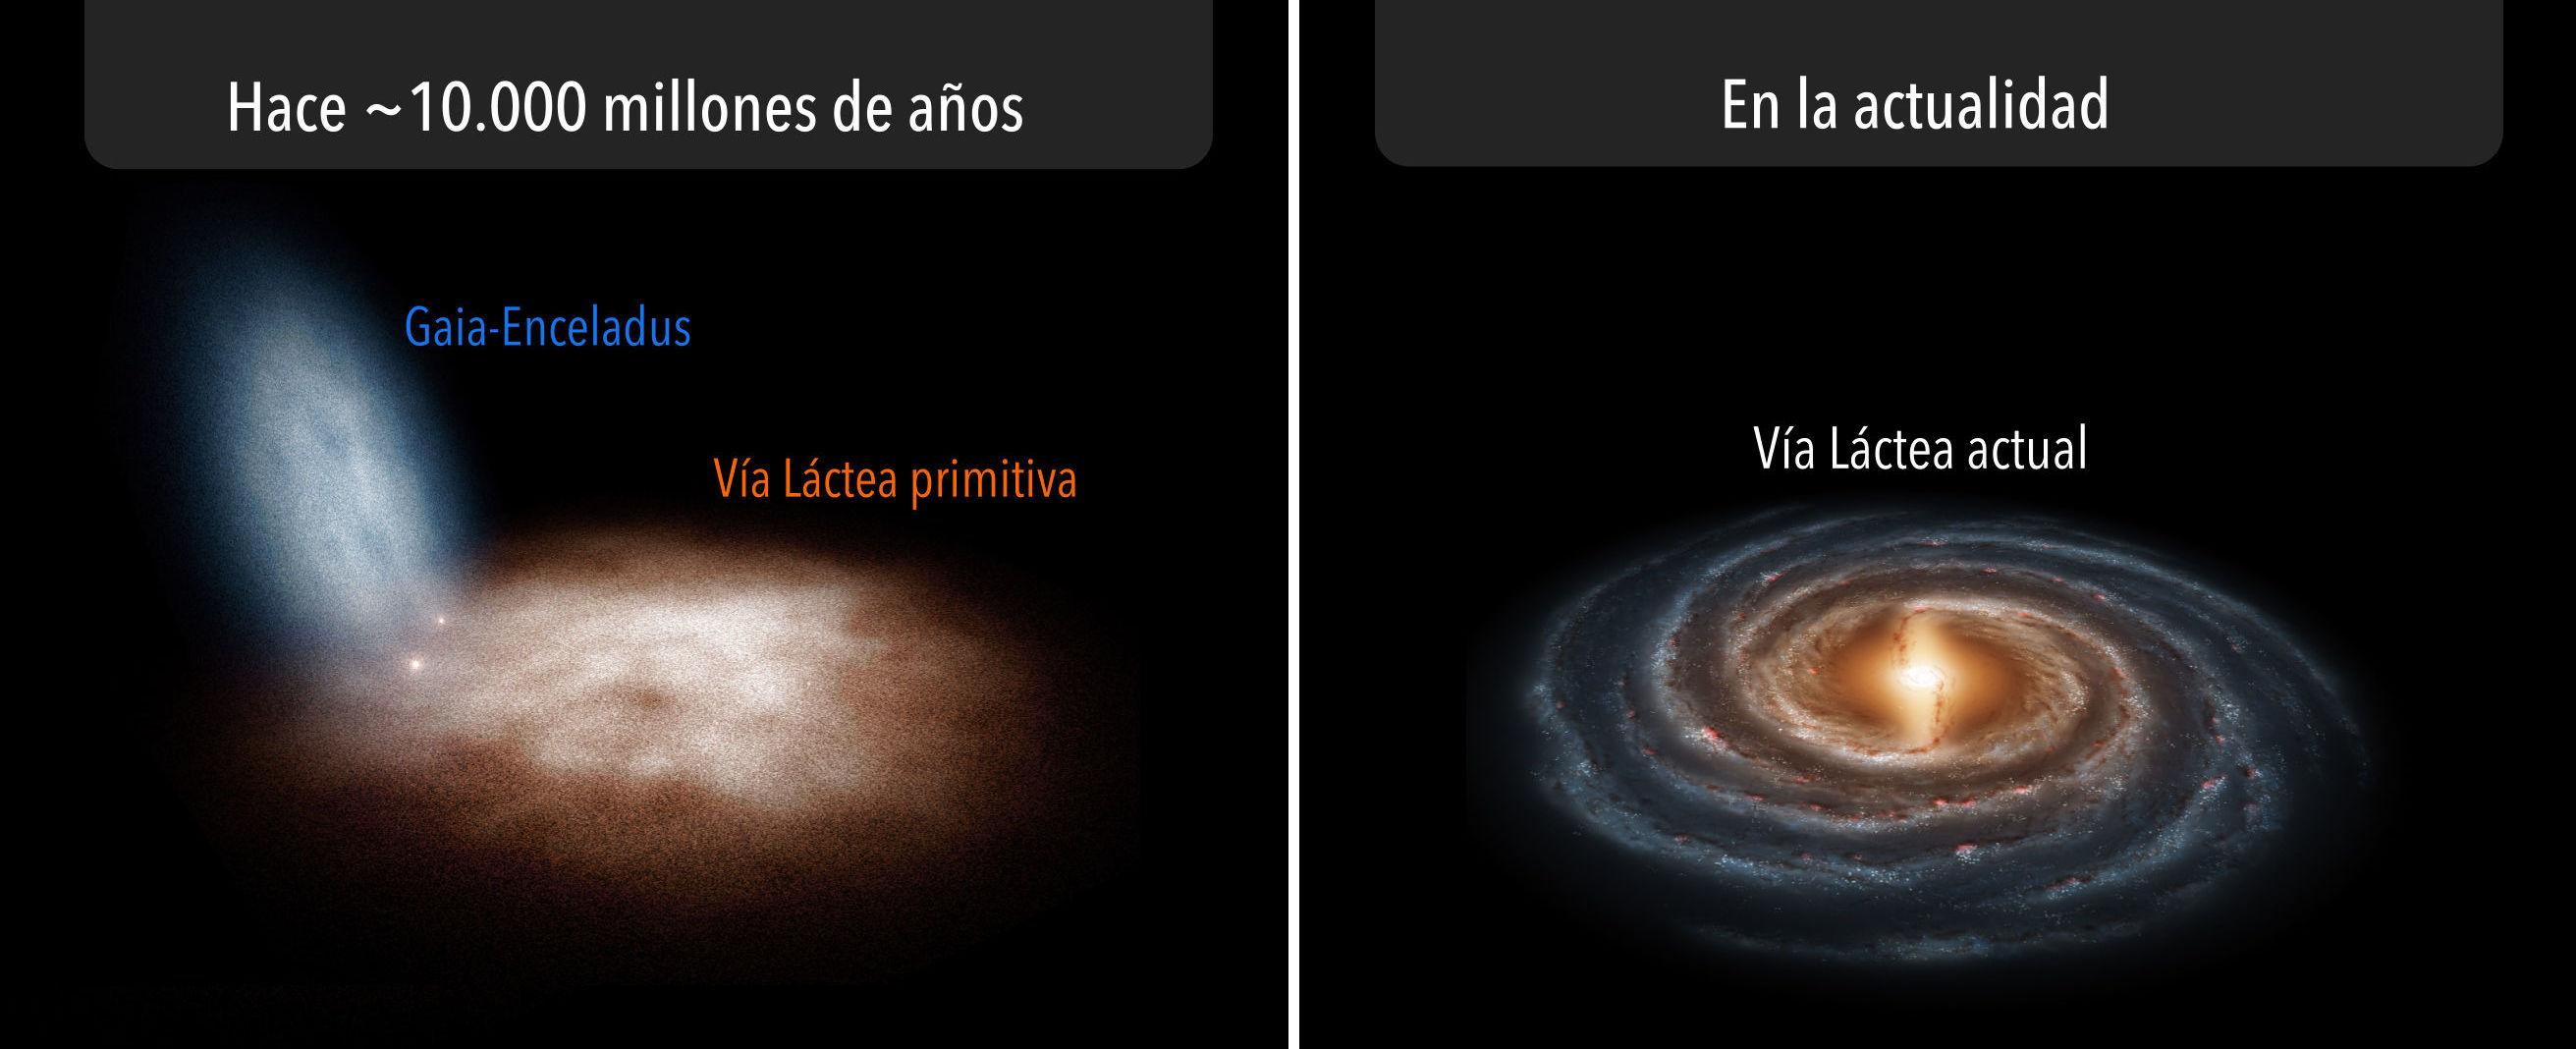 Reprodução em imagem do nascimento da absorção de uma galáxia anã pela Via Láctea há 10 bilhões de anos